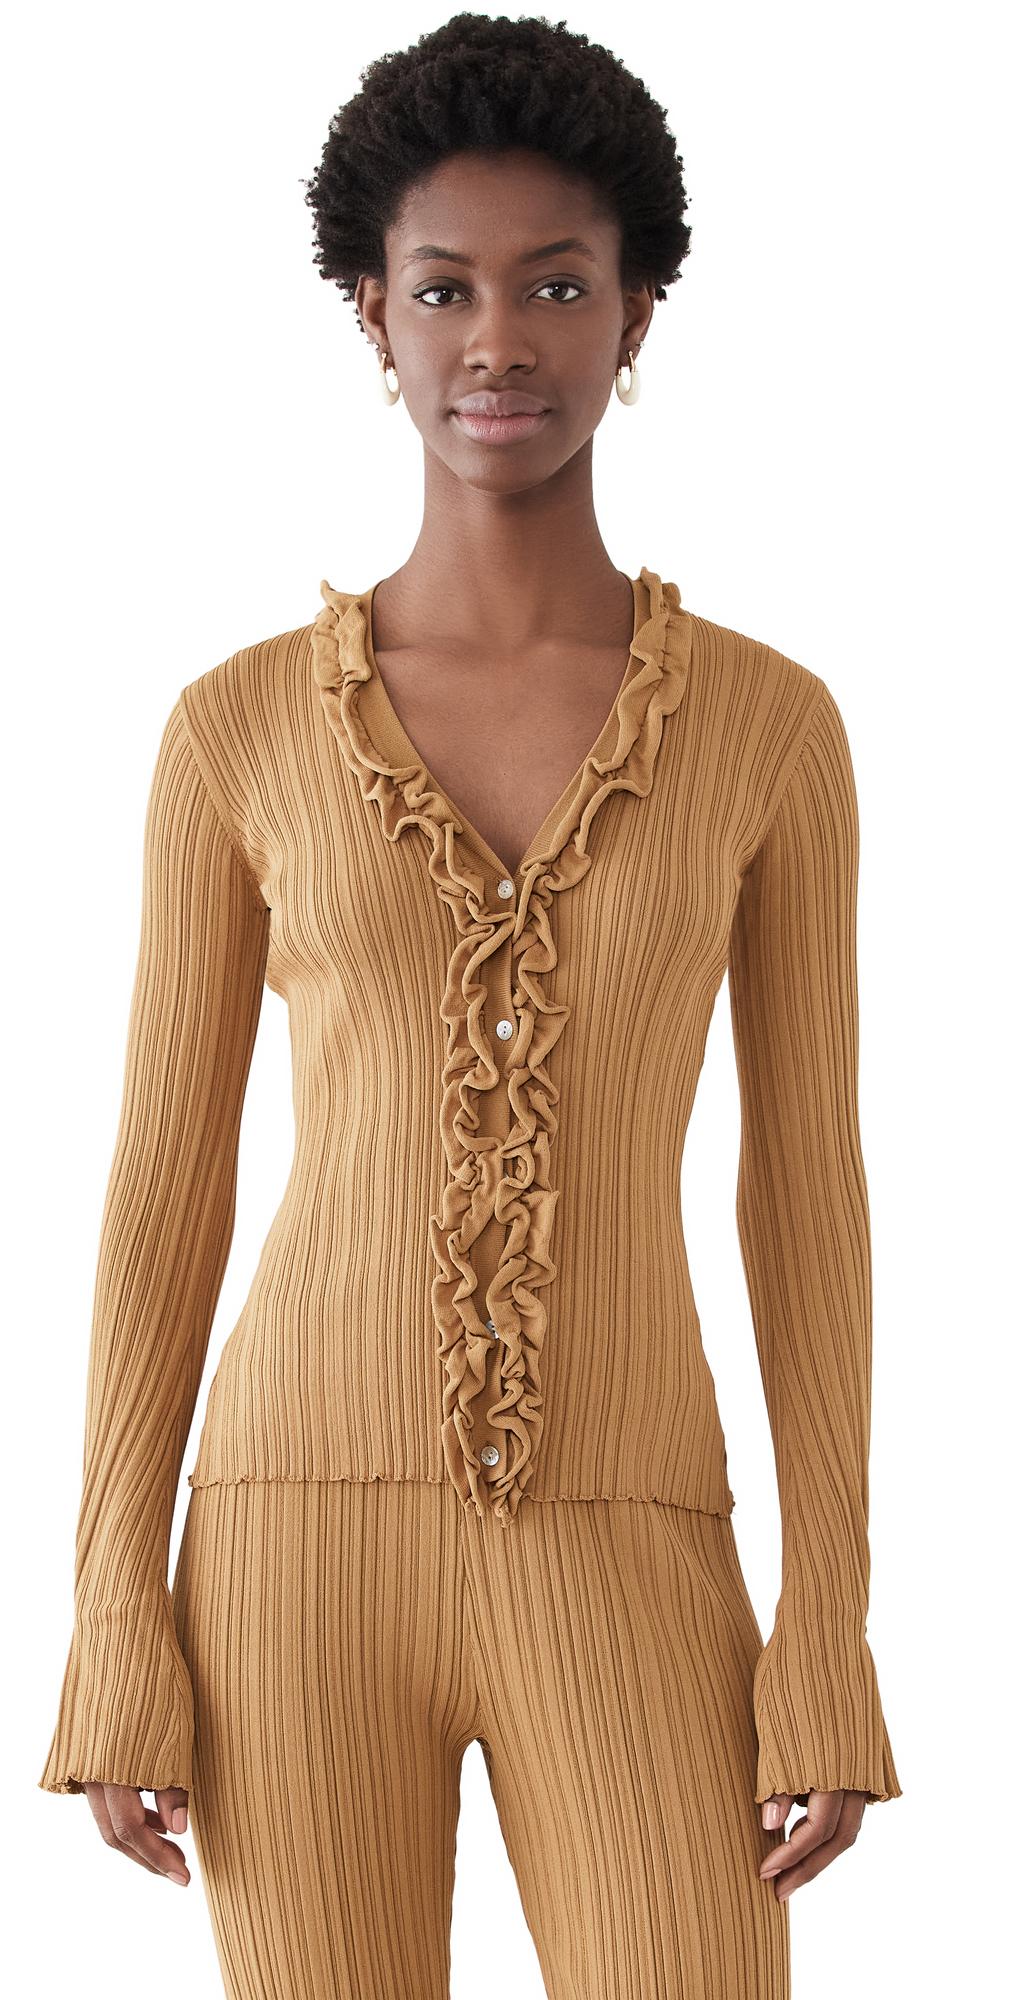 Wendy Knit Cardigan